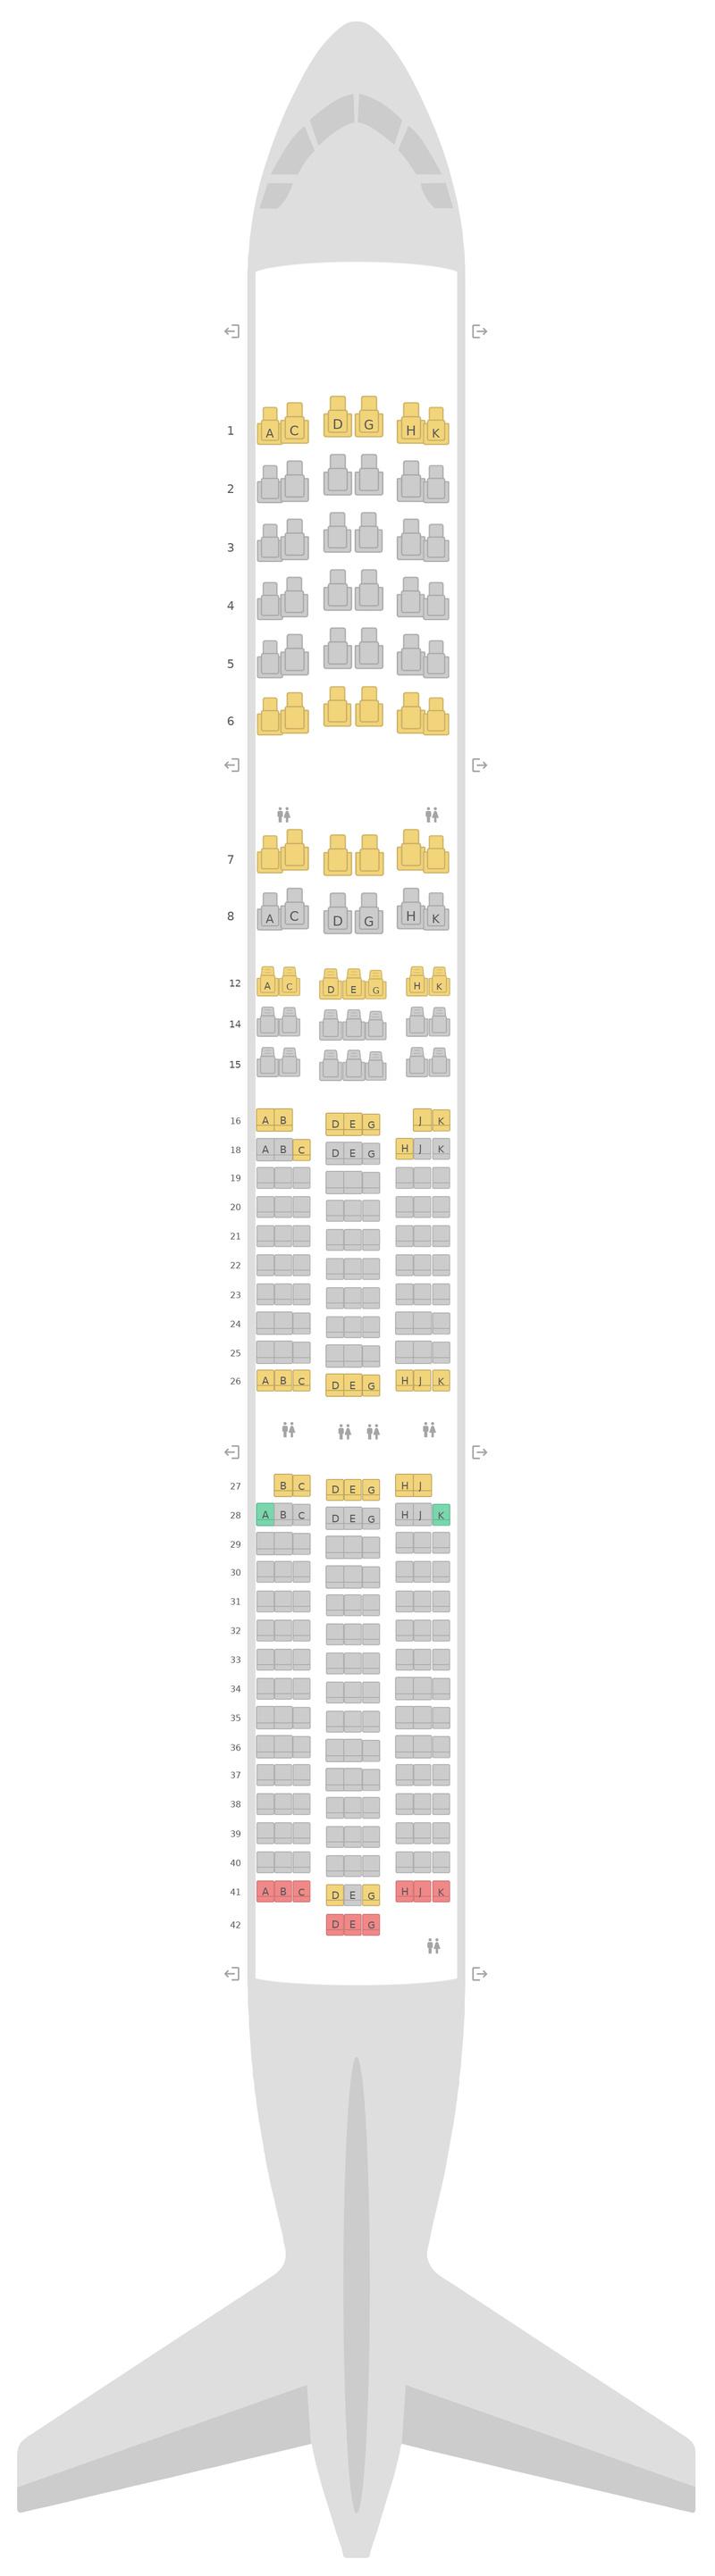 Mapa de asientos Airbus A350-900 (359) v1 Lufthansa